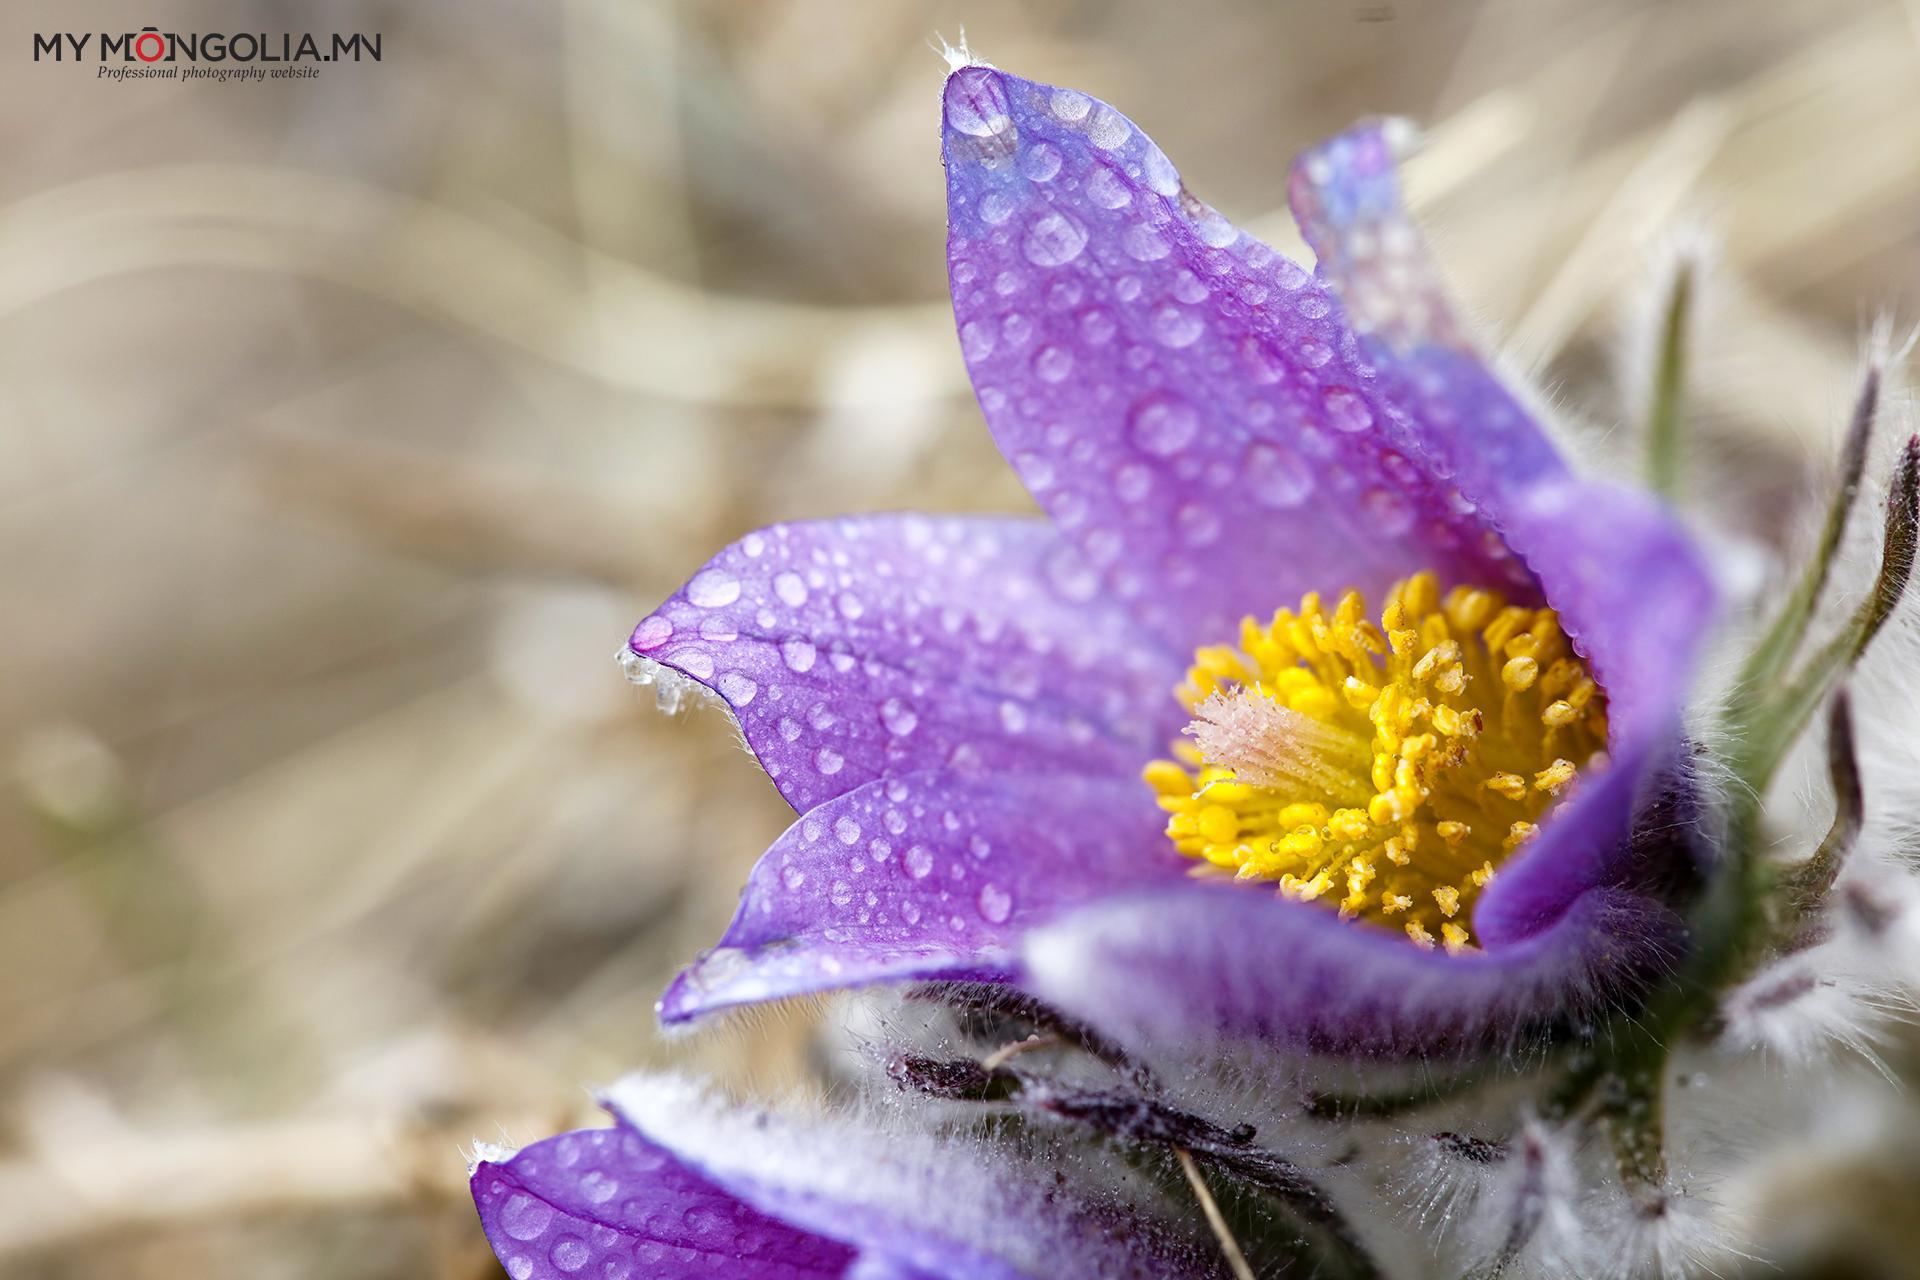 тав дугаар сарын цэцэг